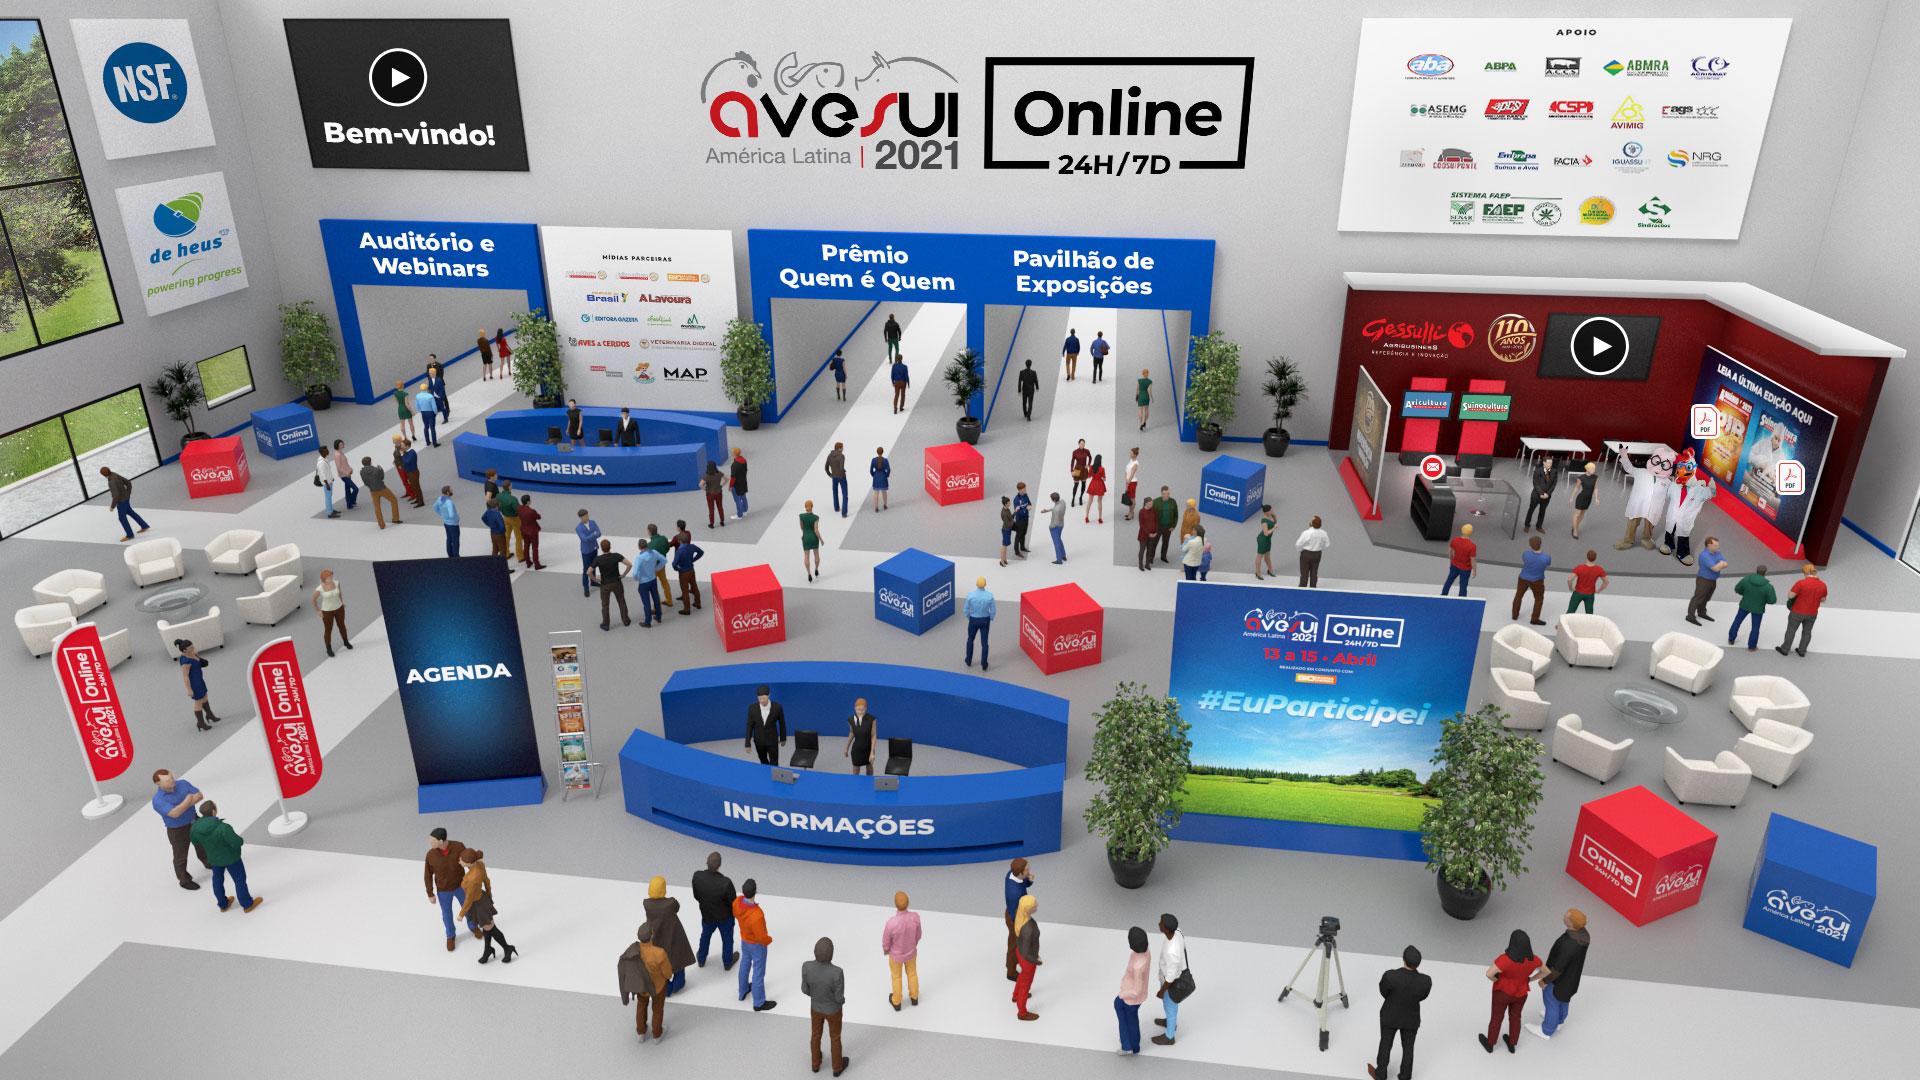 Confira a programação completa da AveSui Online 24h/7d